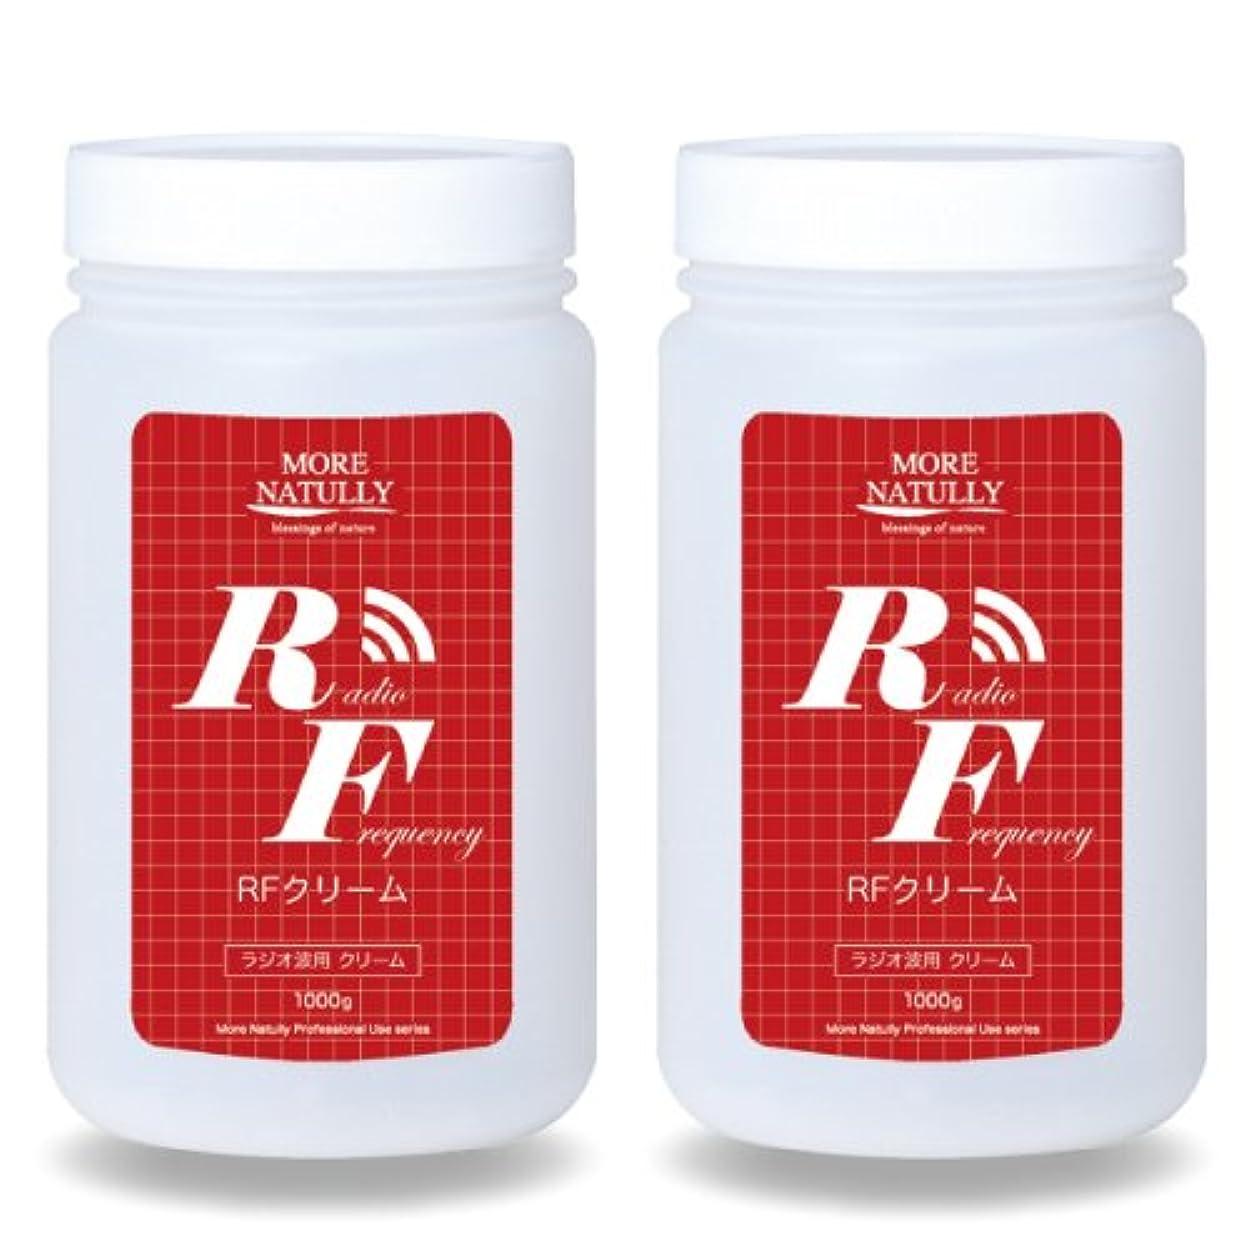 興奮する補充応答モアナチュリー RFクリーム【1000g】×2個セット